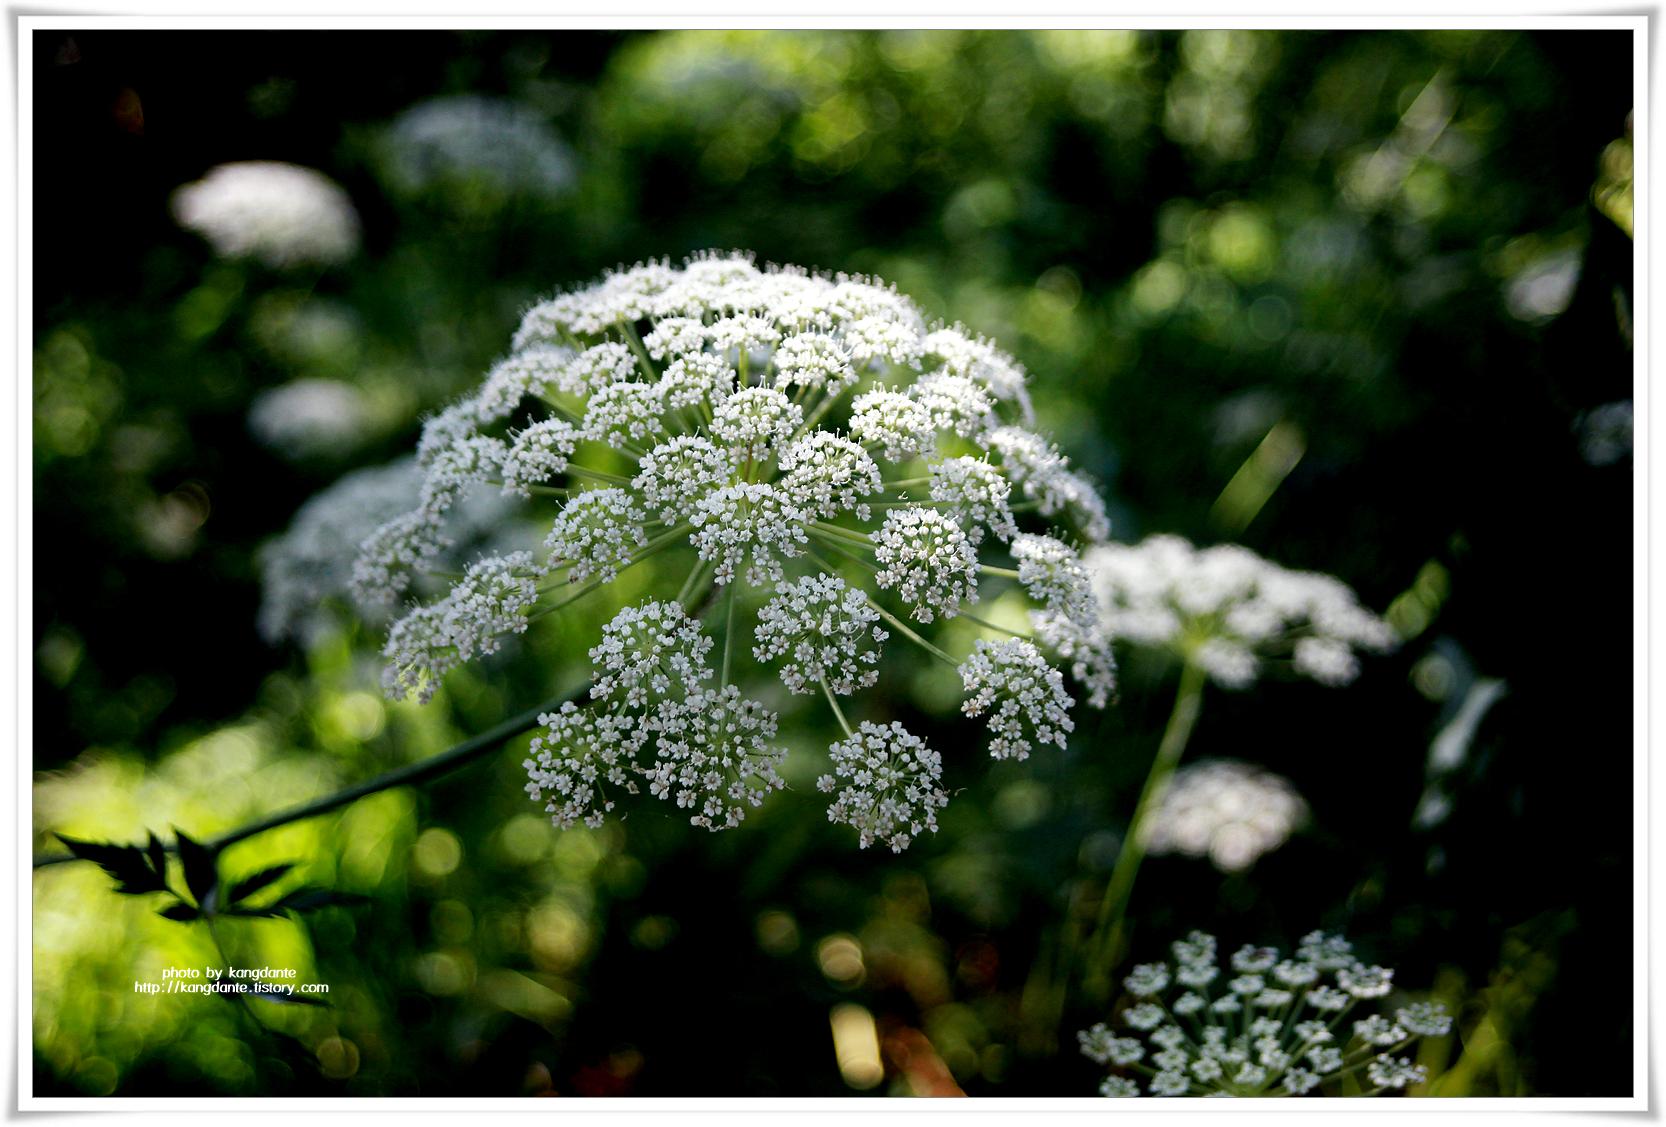 작고 하얀 꽃이 매혹적인 궁궁이